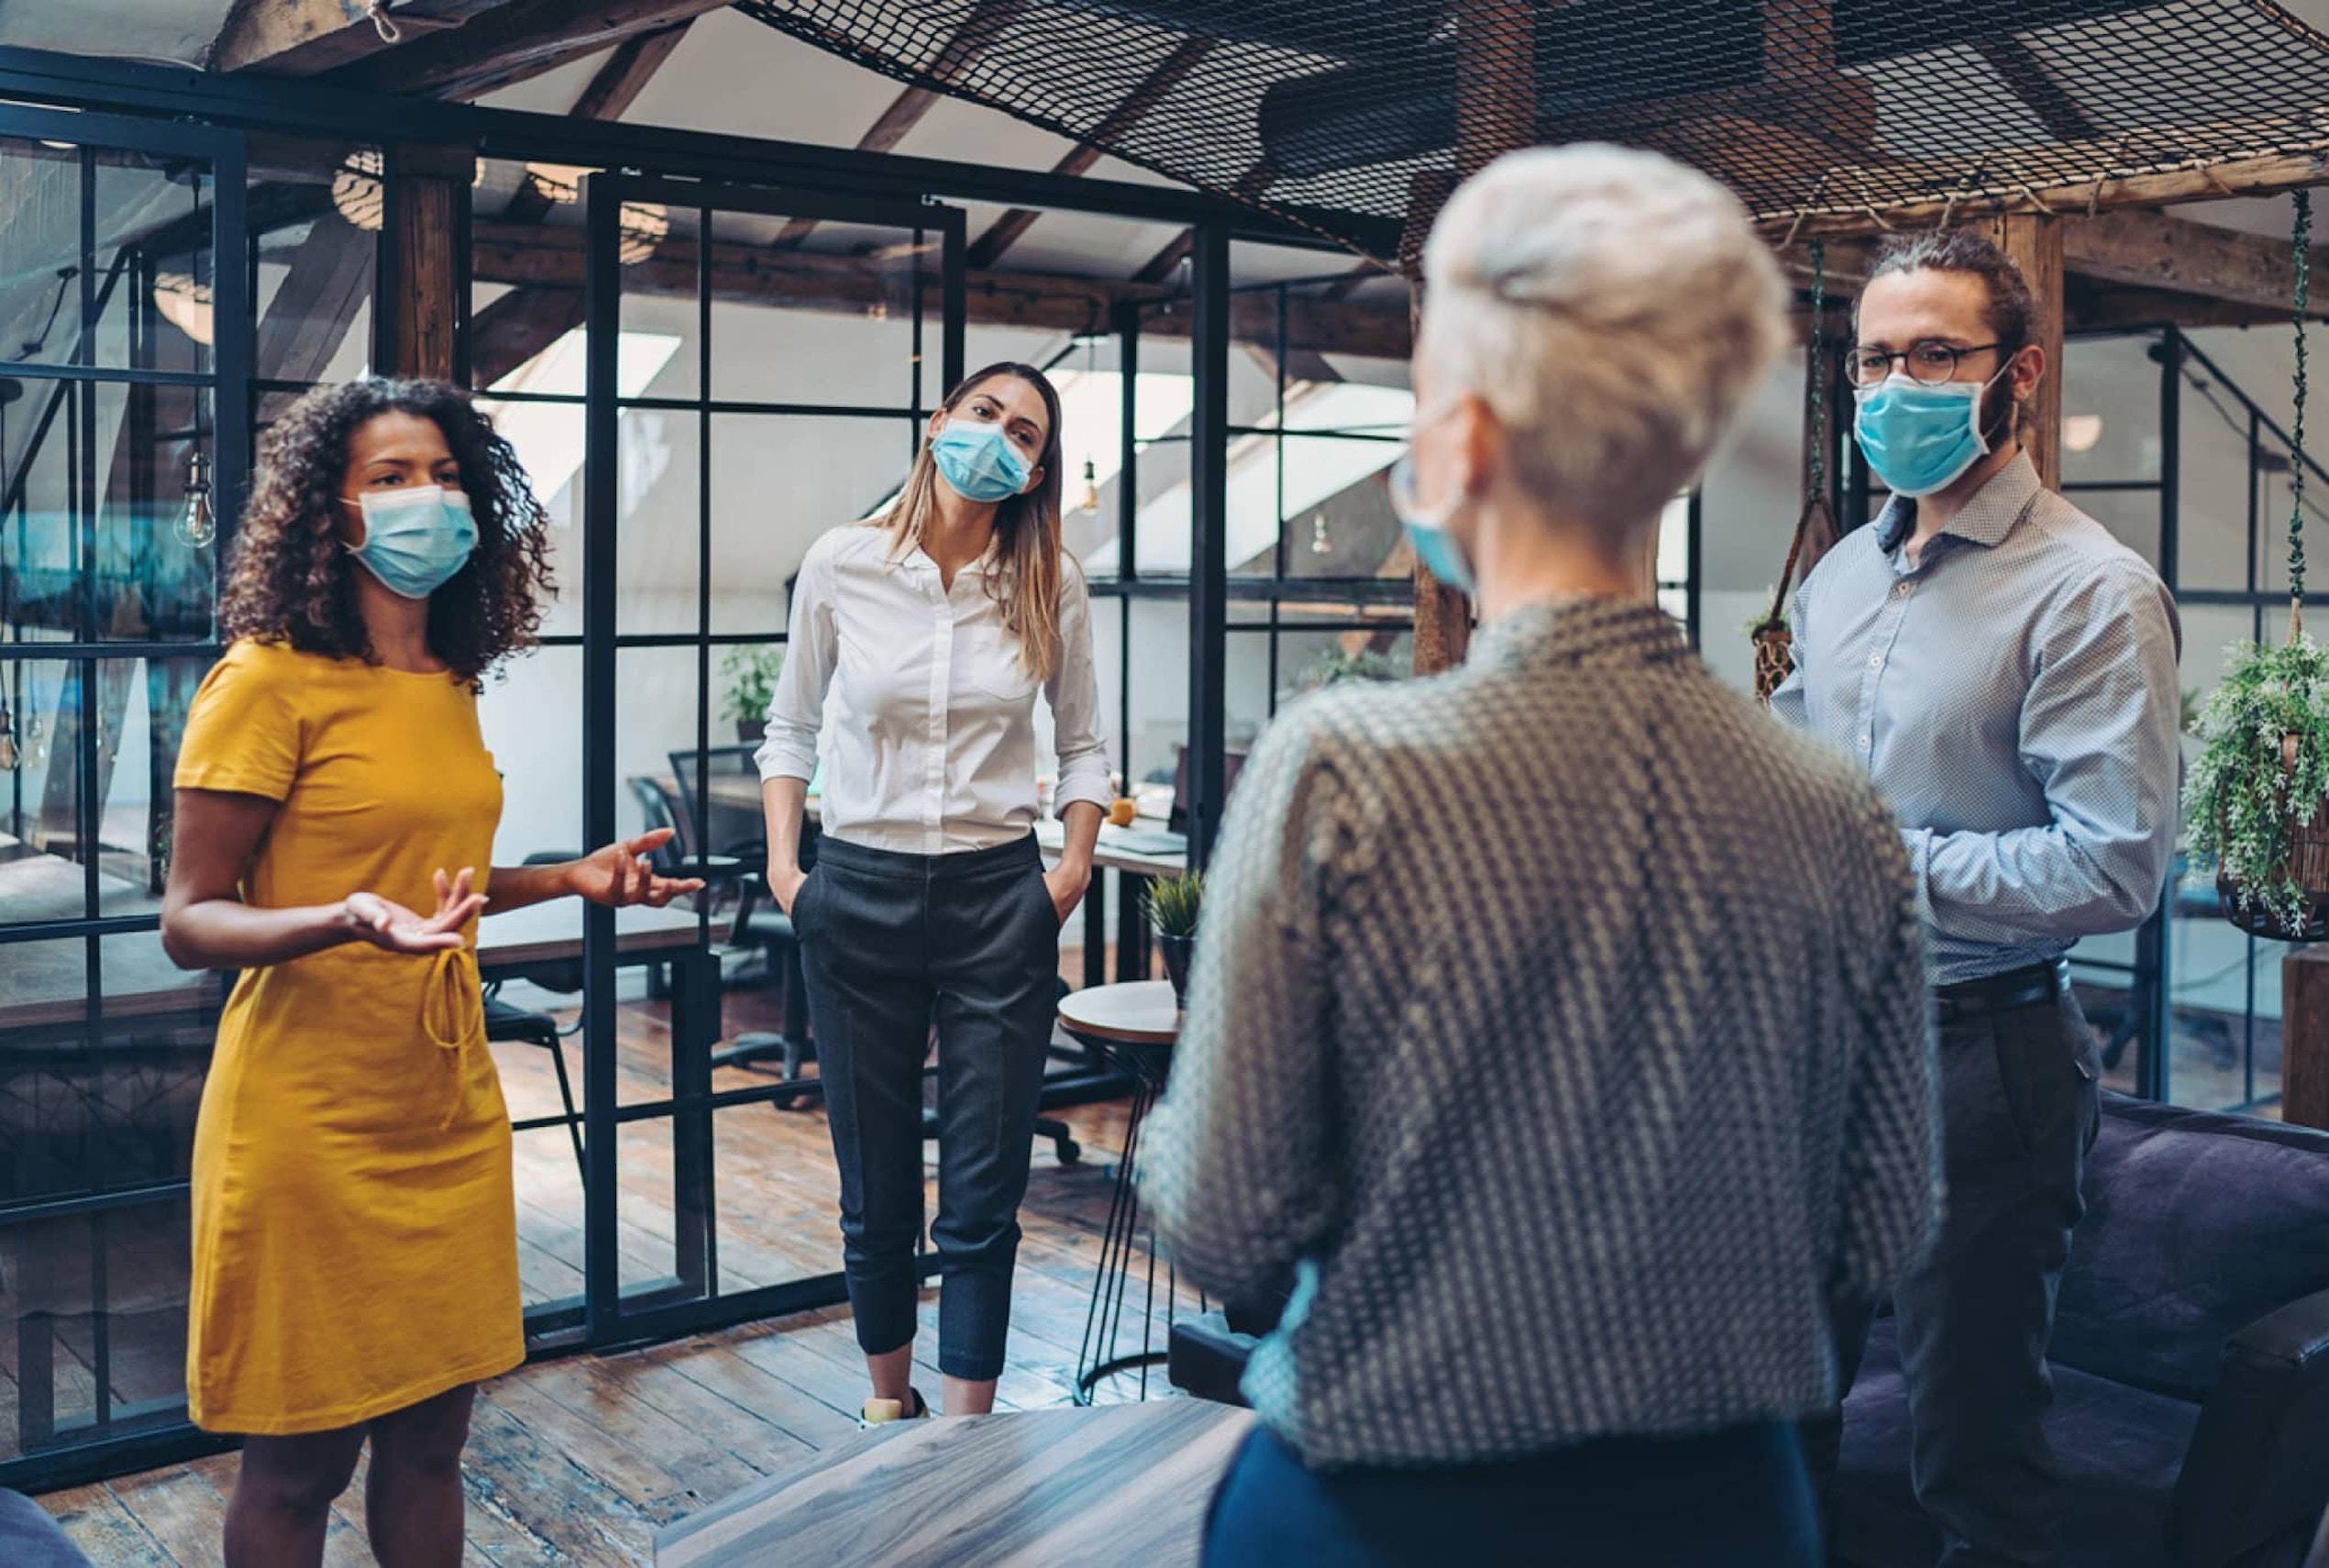 La santé mentale des salariés, le nouvel enjeu stratégique des entreprises